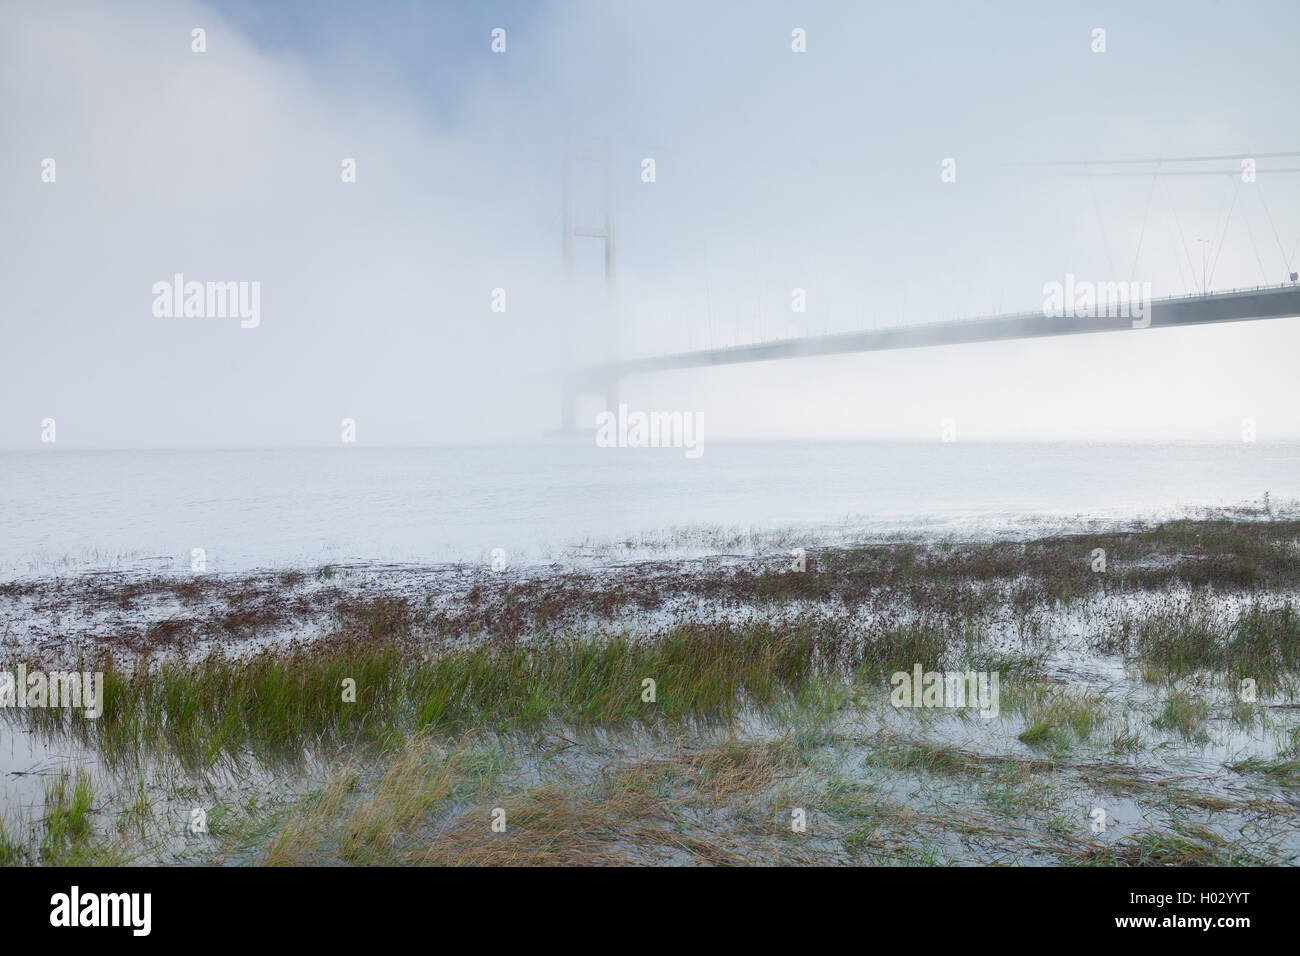 Le Humber Bridge dans la brume et le brouillard. Le pont relie Barton-upon-Humber dans le Nord du Lincolnshire à Photo Stock